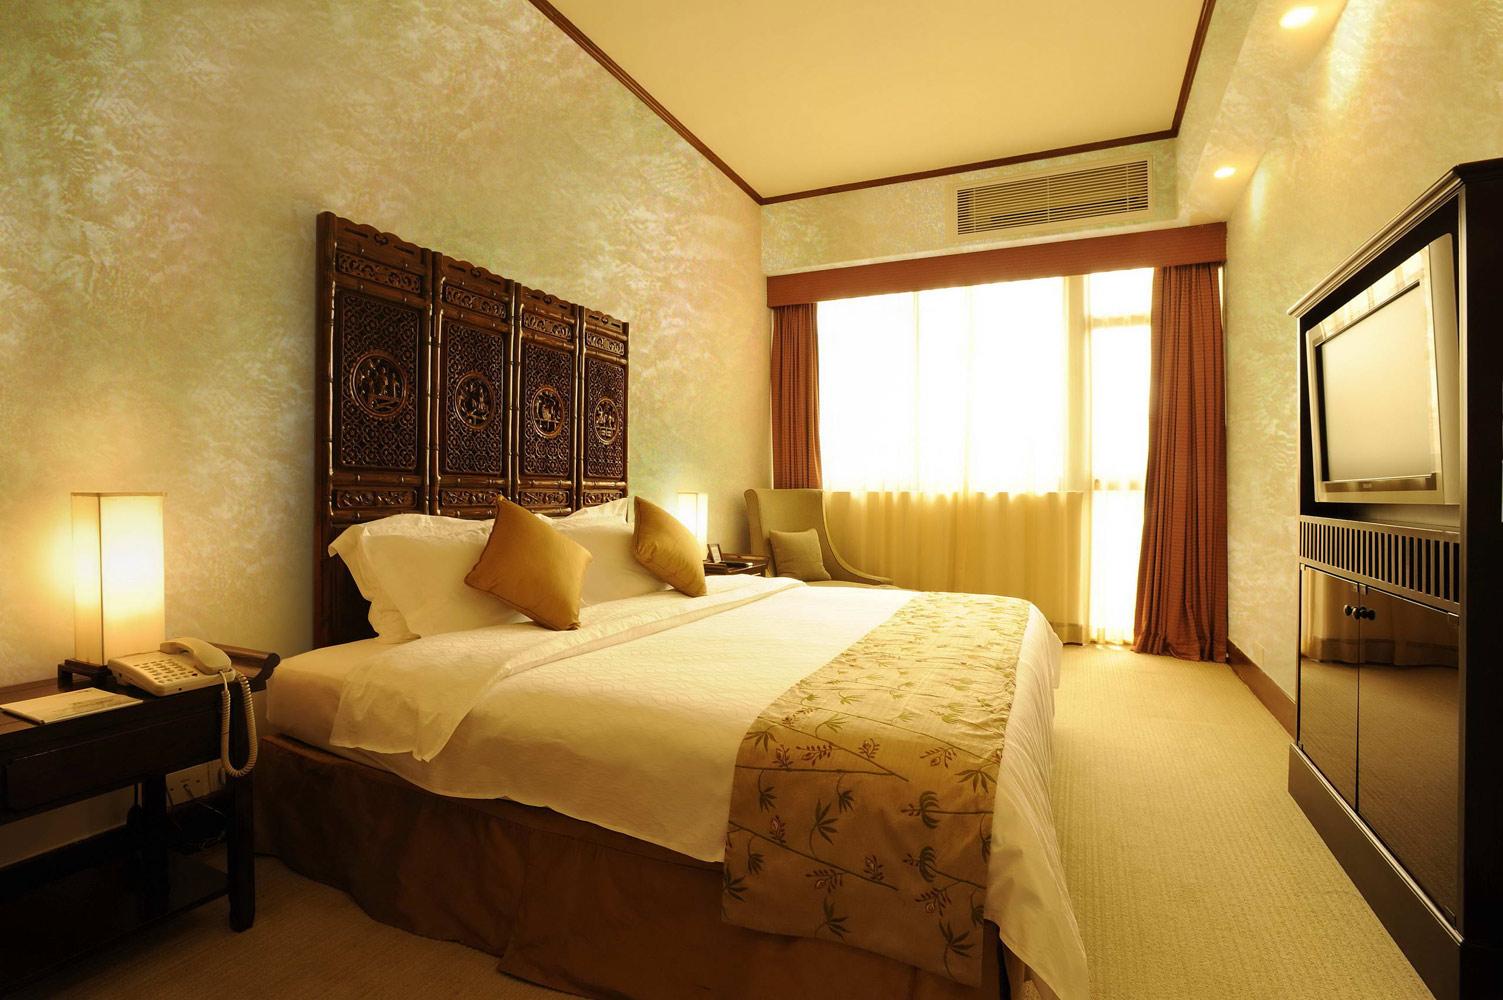 Шелковая золотистая штукатурка в спальне